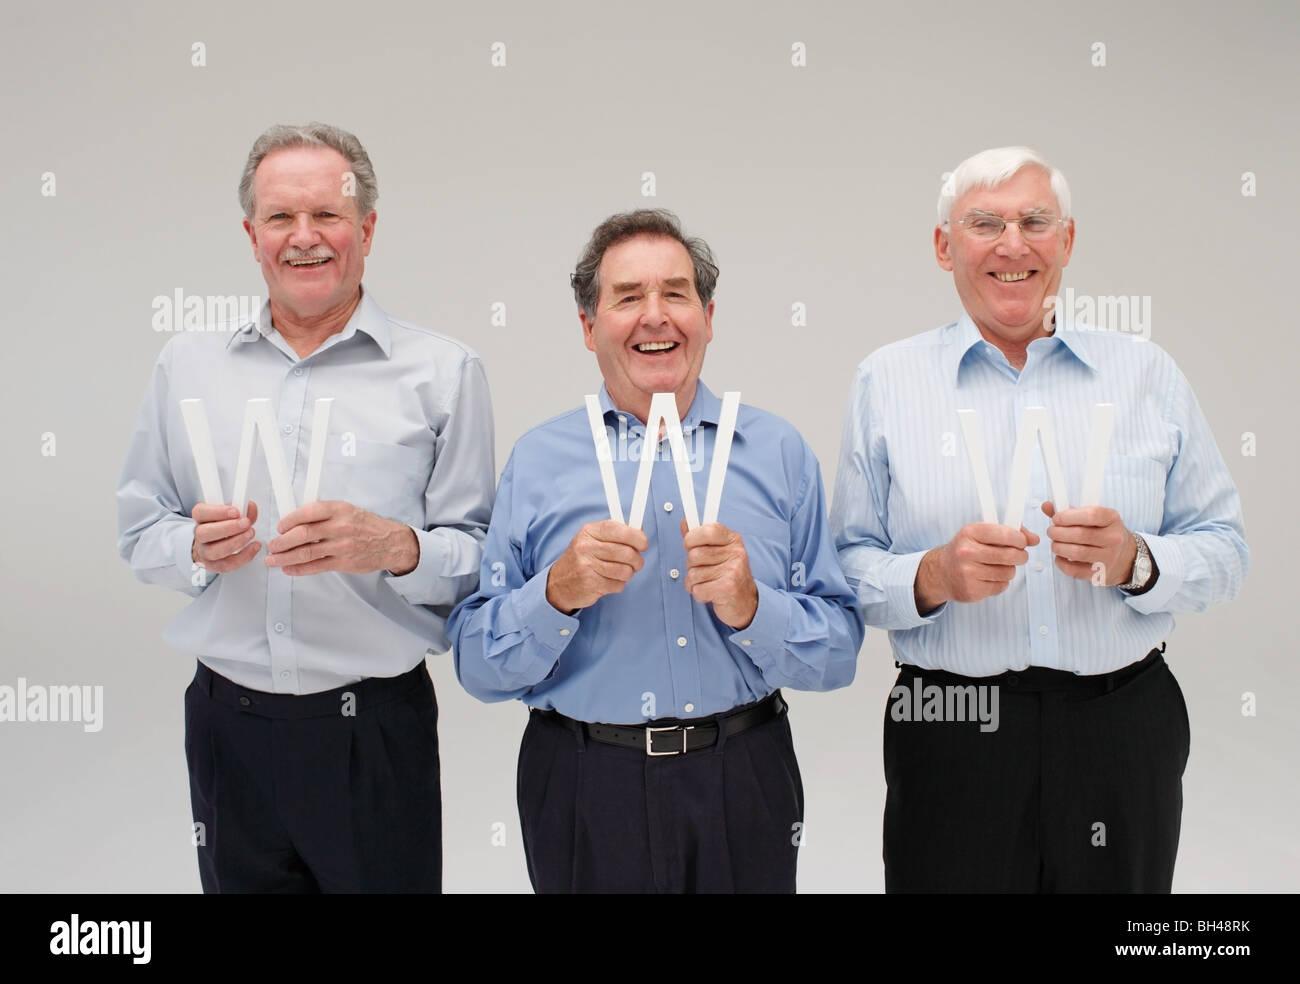 Three senior businessmen each holding the letter 'W', smiling - Stock Image